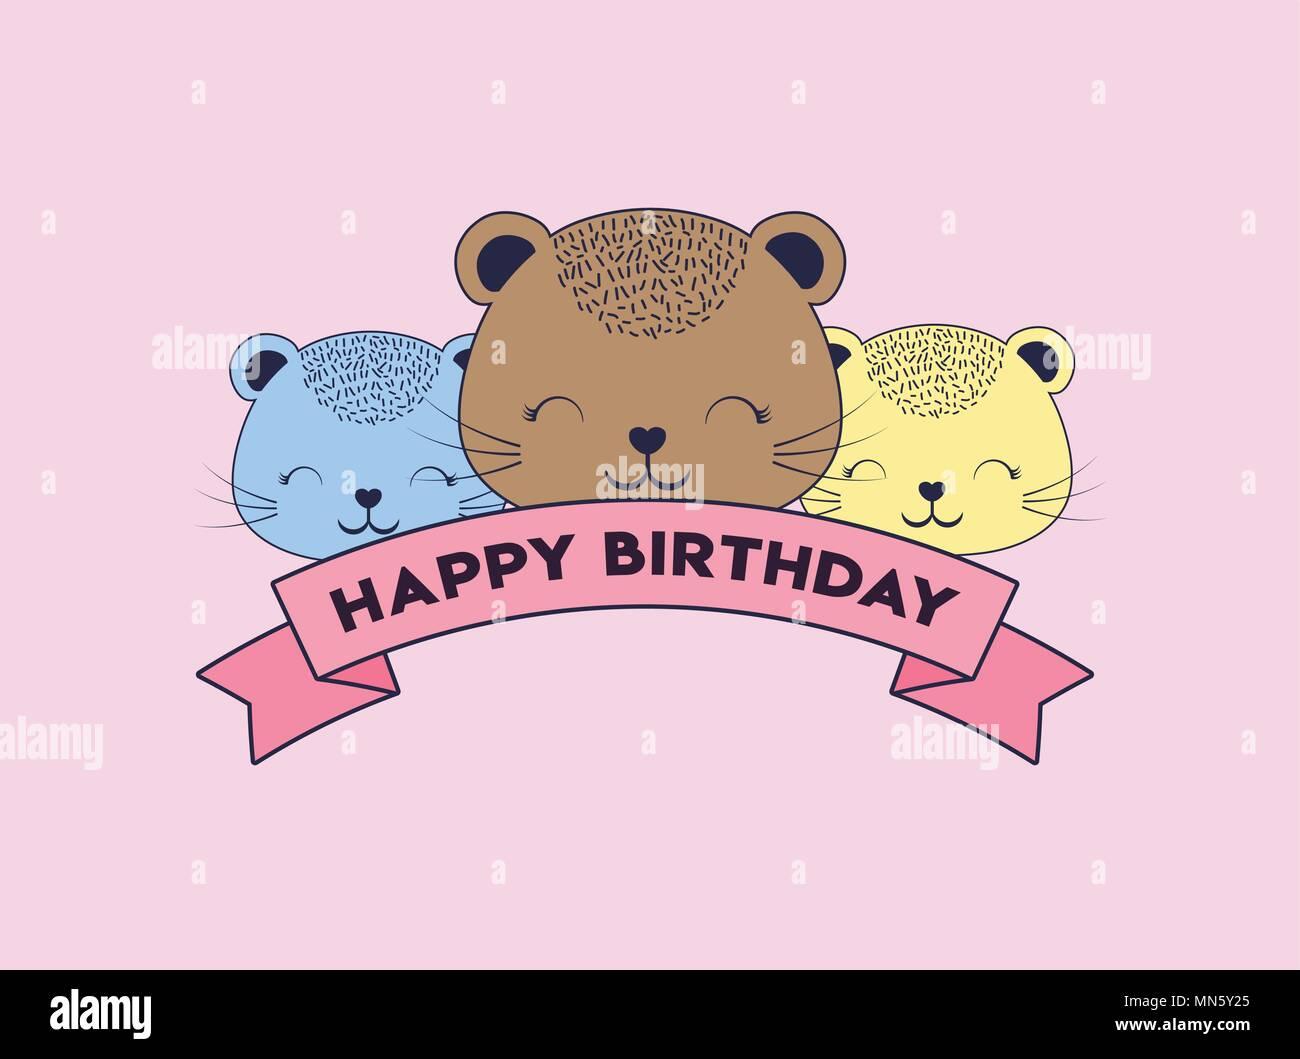 Buon Compleanno Design Con Simpatici Animali Icona E Nastro